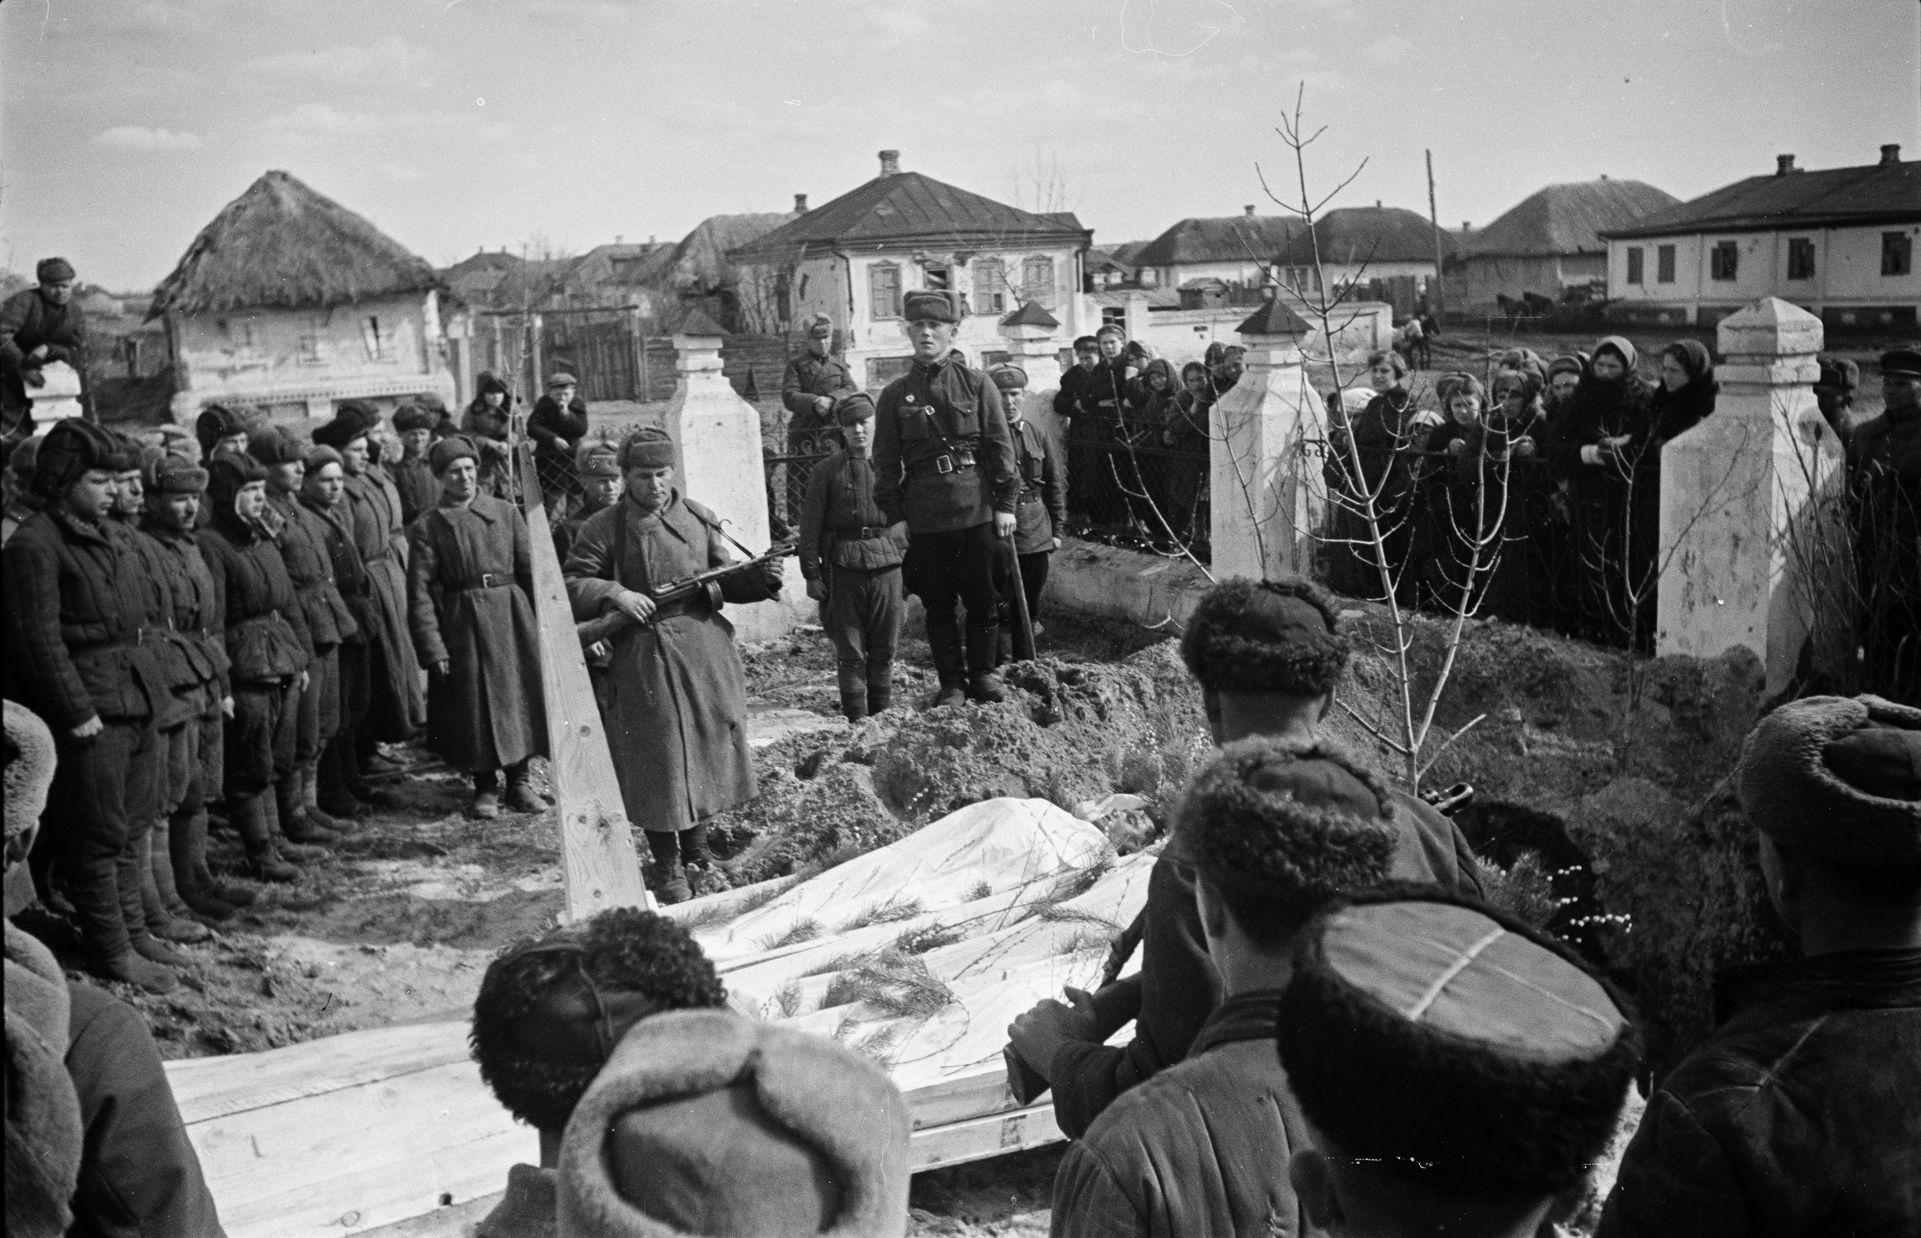 отмечая, что пугачев сарат обл во время второй мировой фото базовая вещь